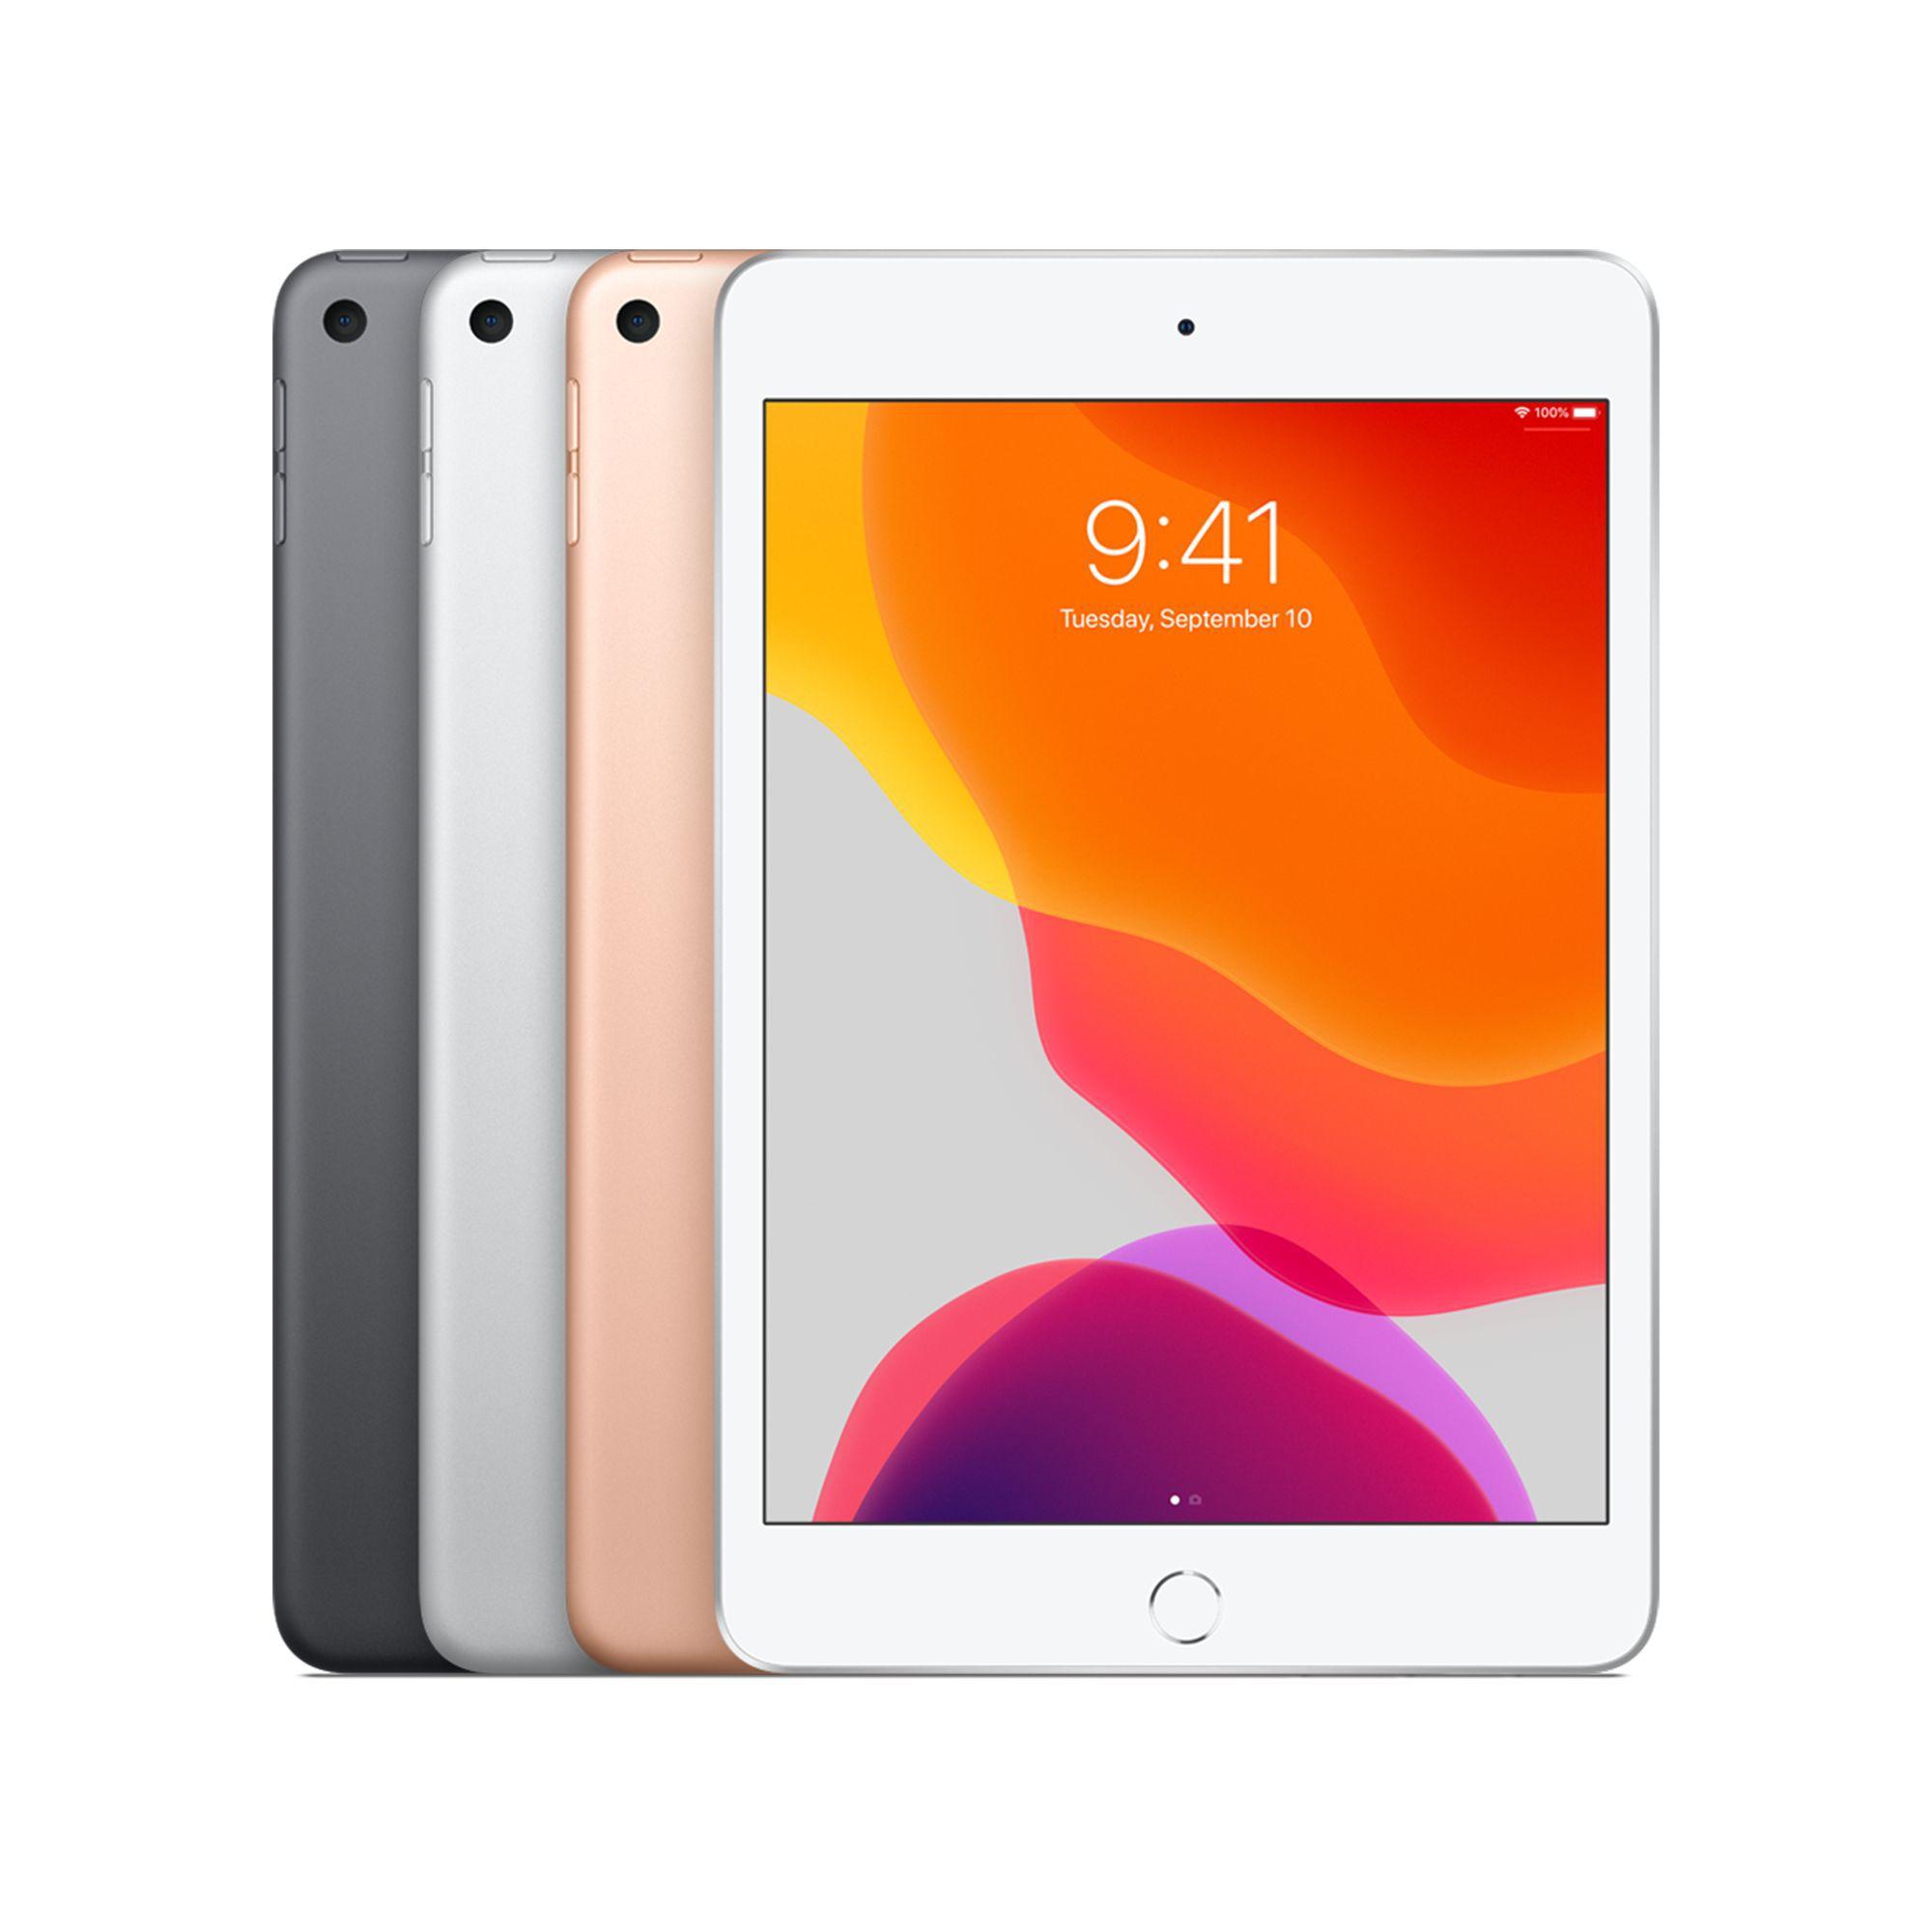 Apple's iPad Mini 5